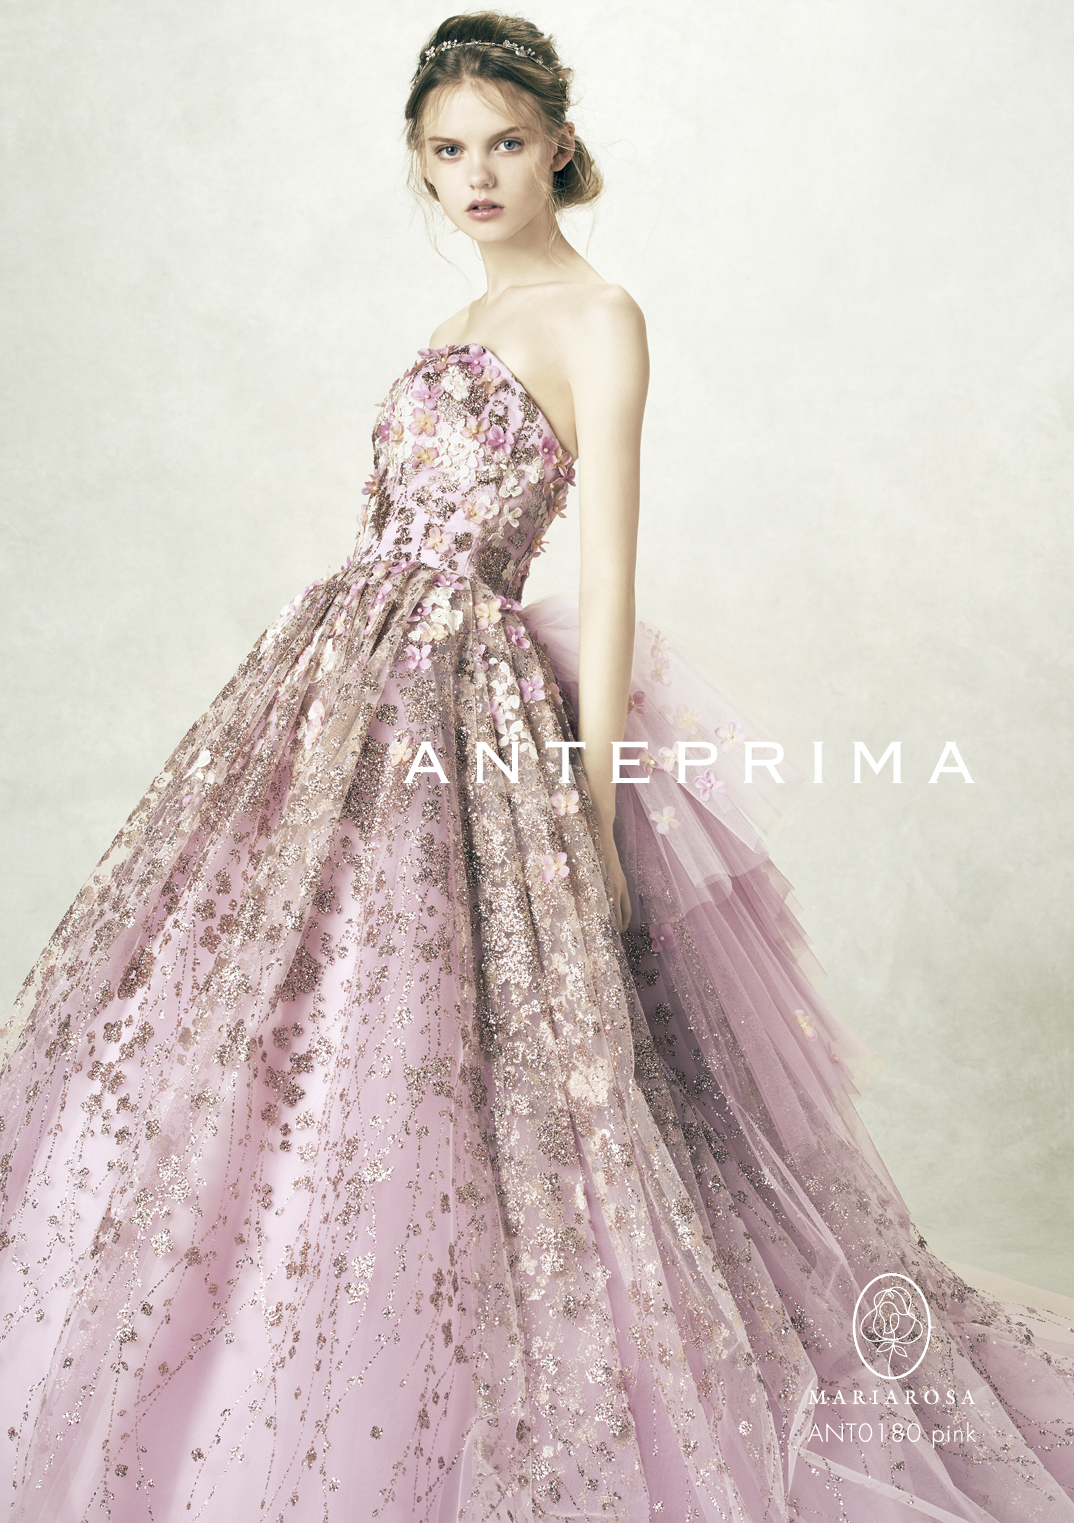 取り寄せ商品【ANTEPRIMA】ANT0180 pink